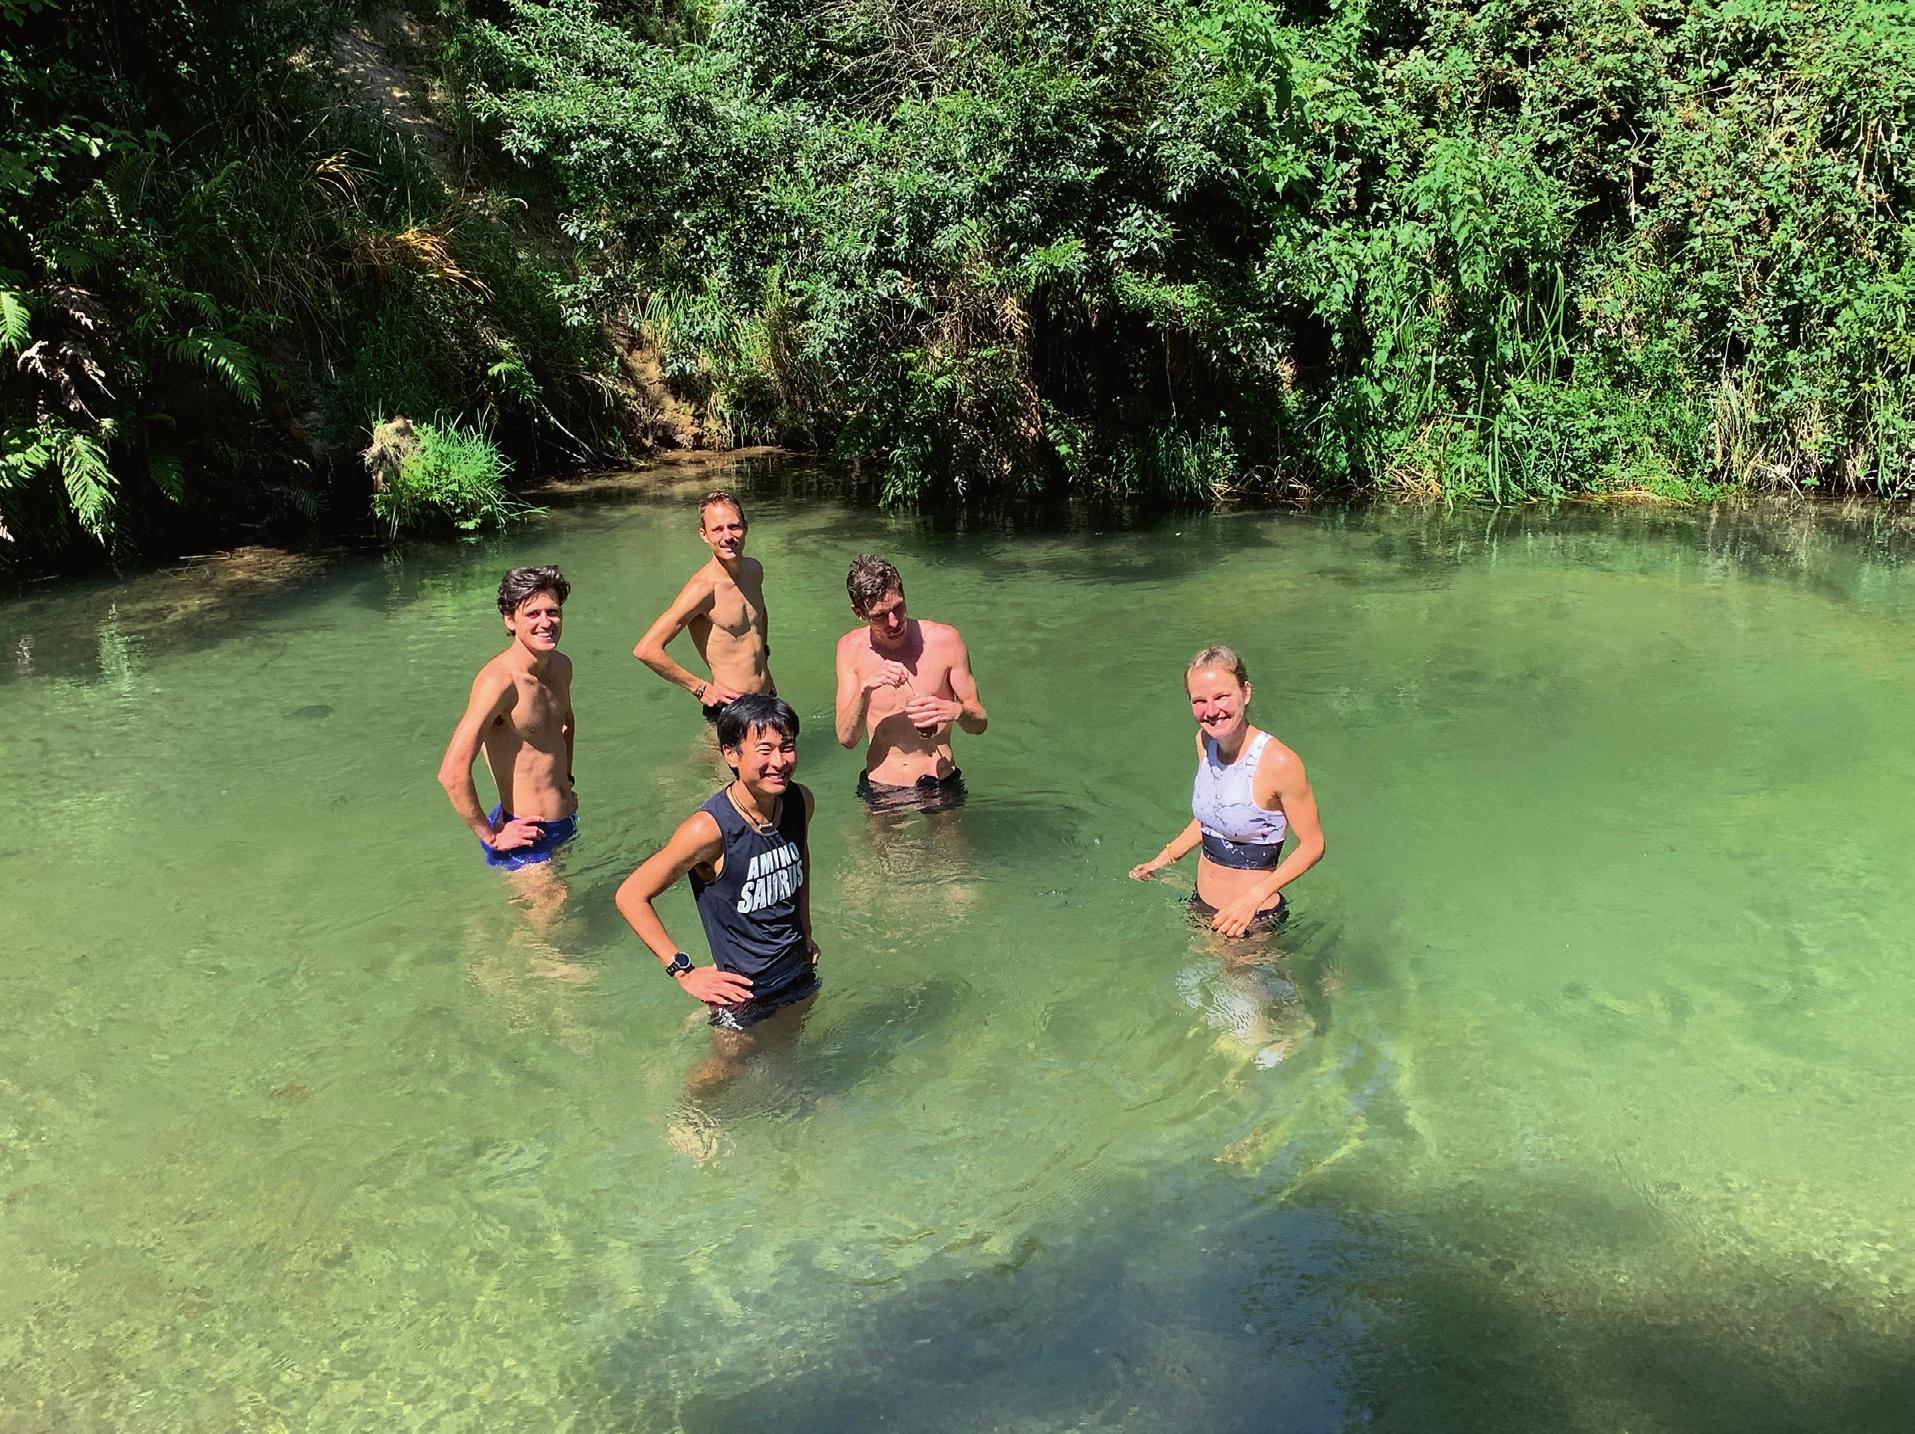 Unter neuseeländischer Sonne: Das Laufteam sucht Erfrischung zwischen anstrengenden Trainingseinheiten